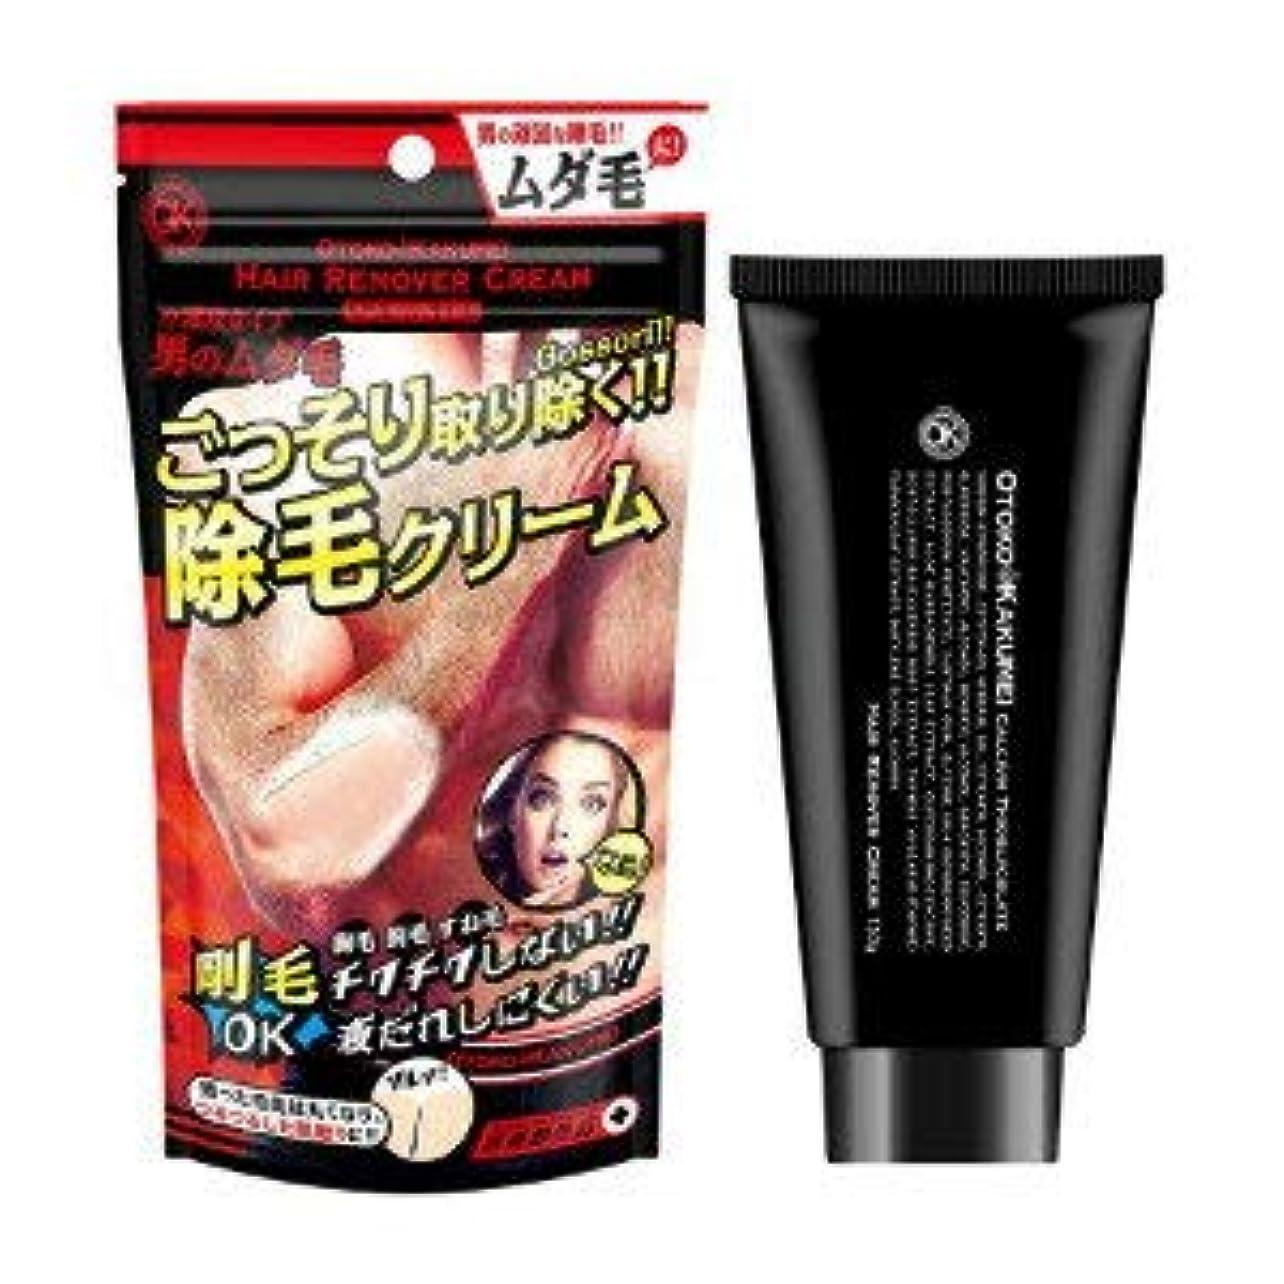 電気技師上院GR OTOKO KAKUMEI ヘアリムーバークリーム 130g×3個セット (医薬部外品)